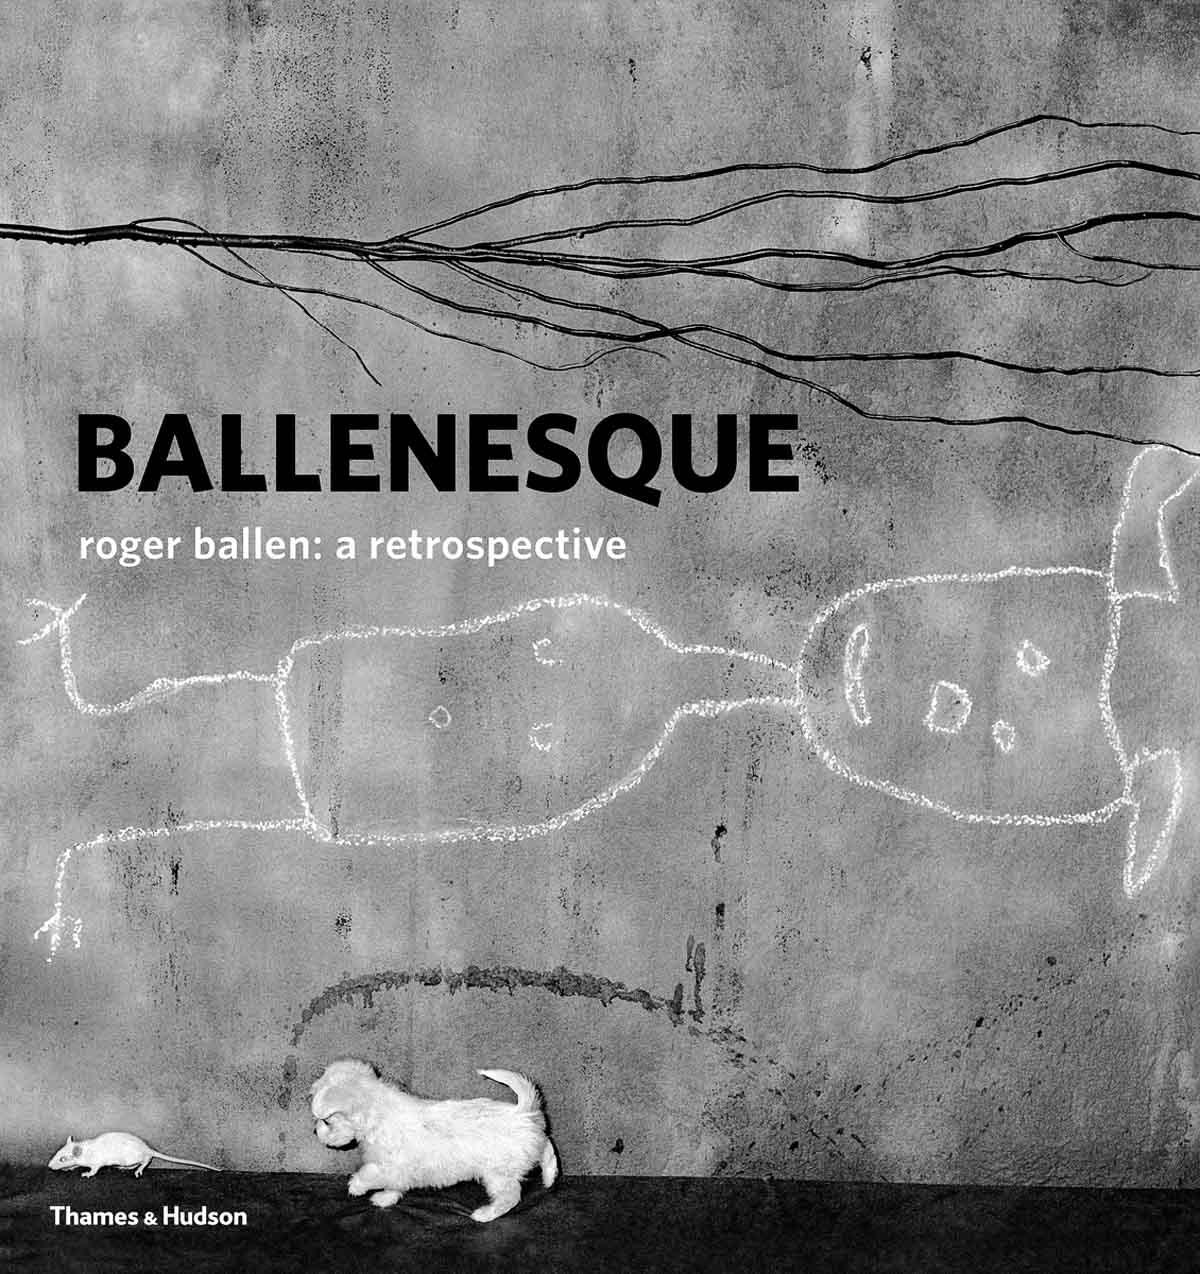 BALLENESQUE (Roger Ballen: A Retrospective) - Roger Ballen, photography book, Photography, Ballenesque, Ballen, art book, Art